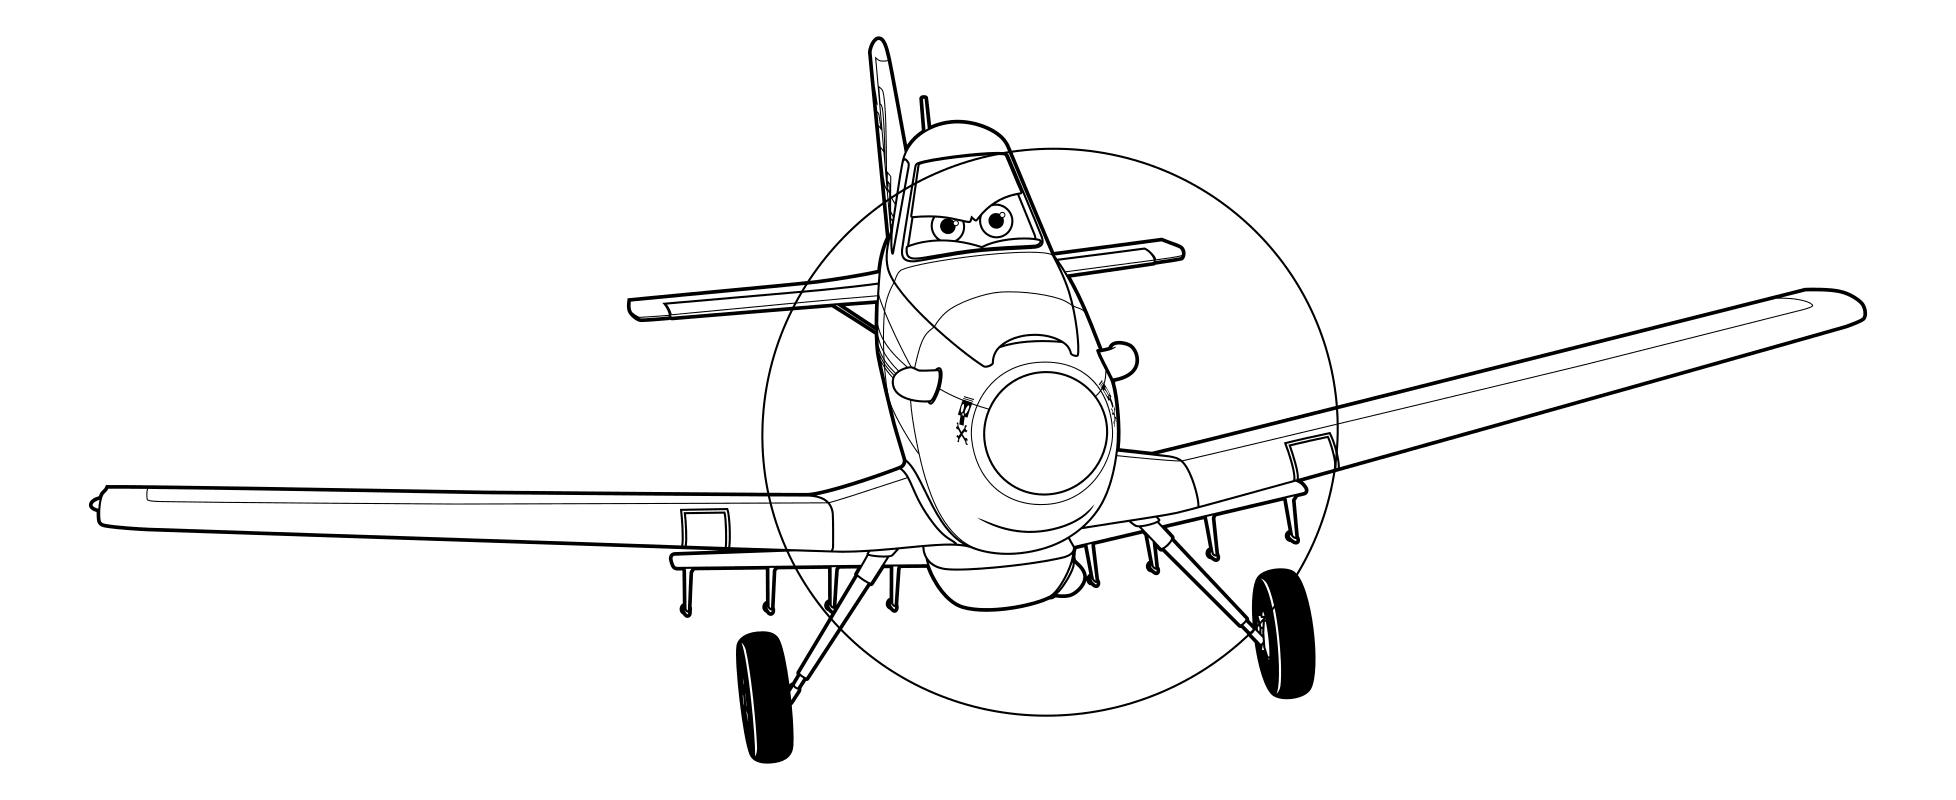 Раскраска самолет из мультика